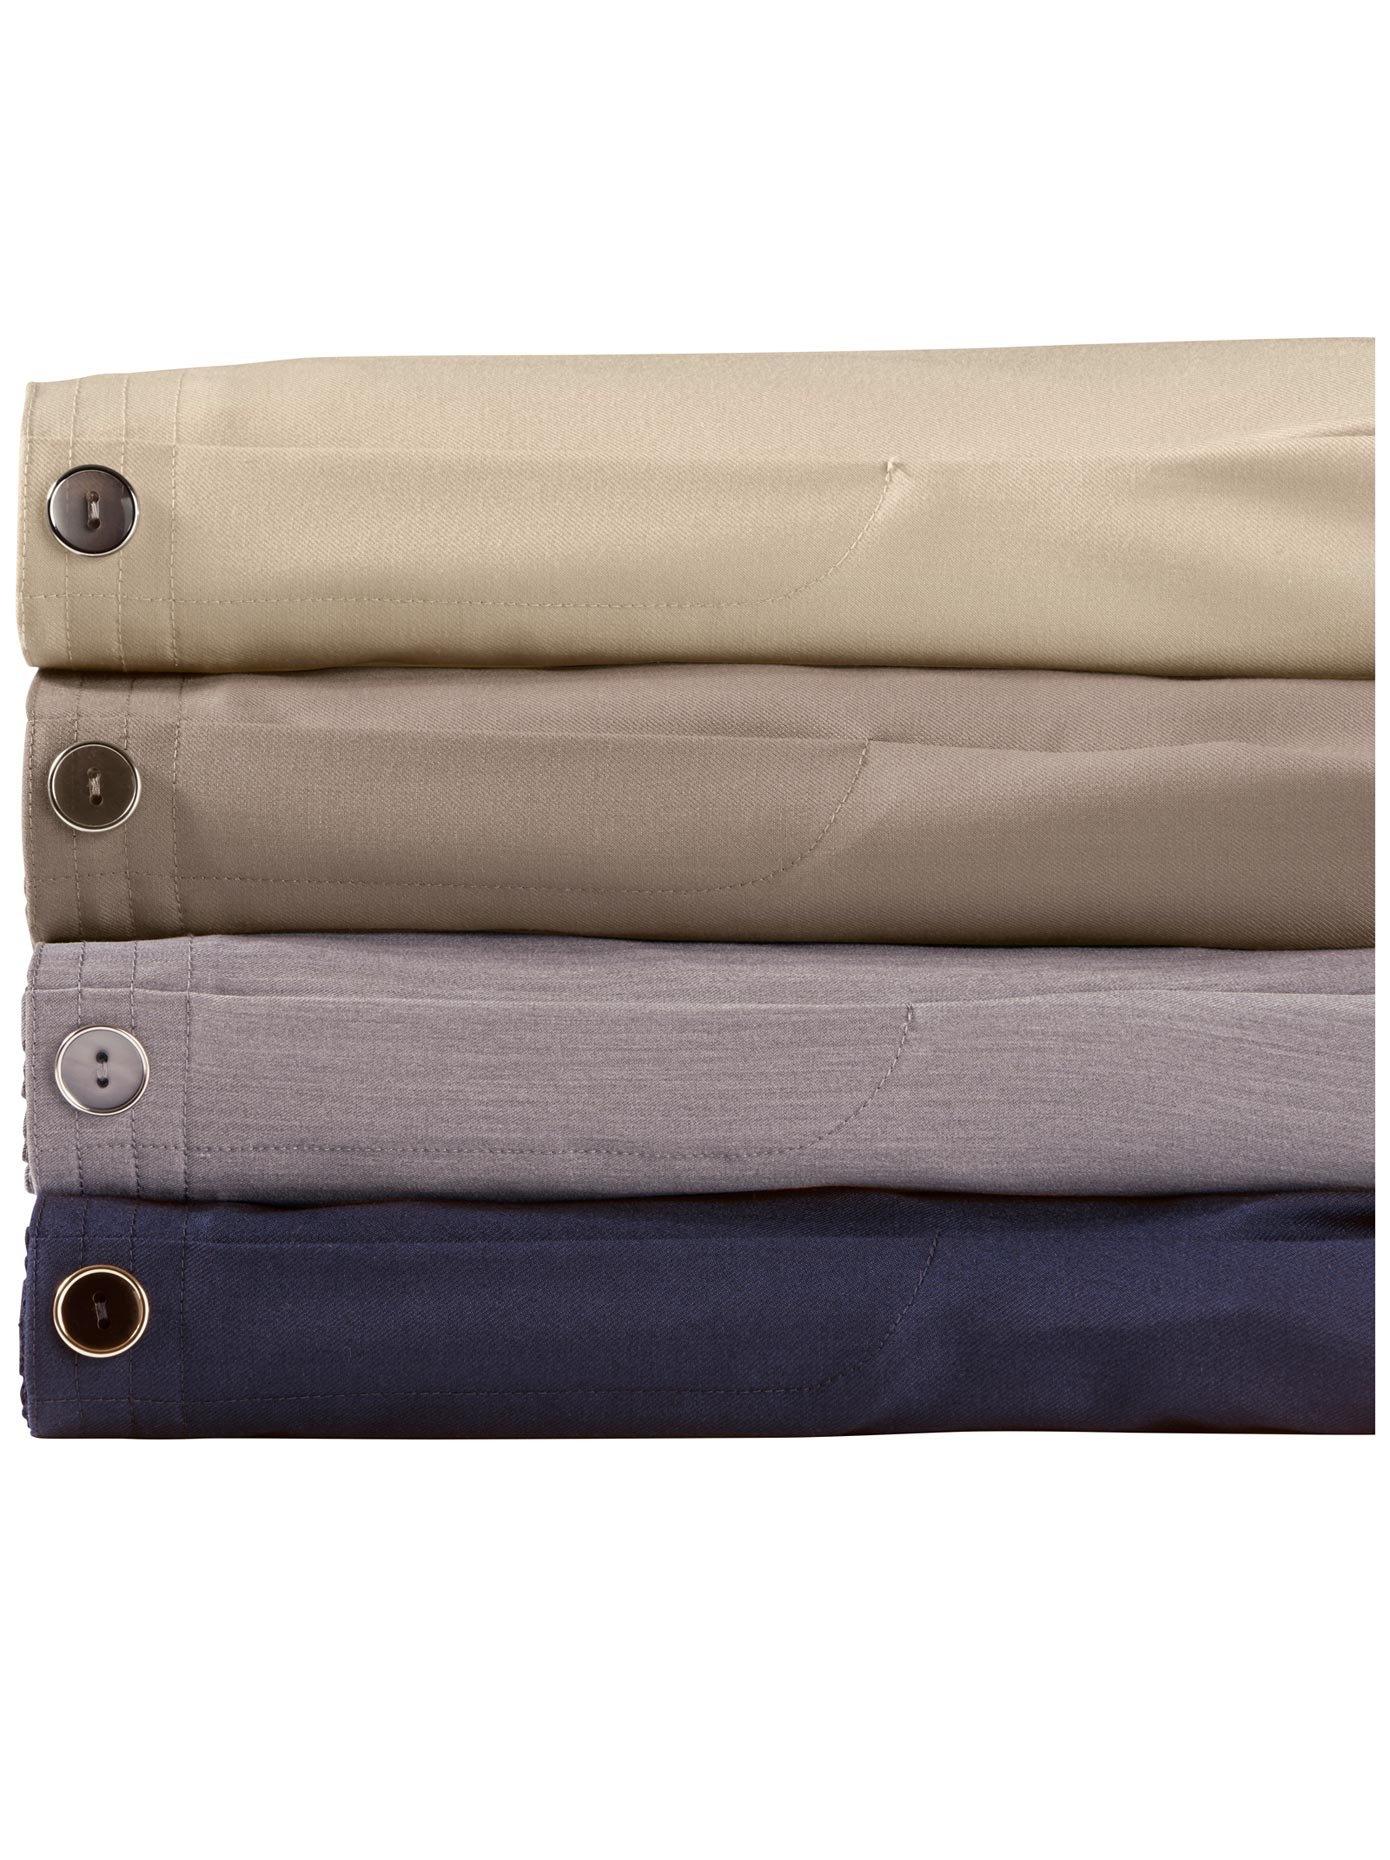 Classic geweven broek voordelig en veilig online kopen